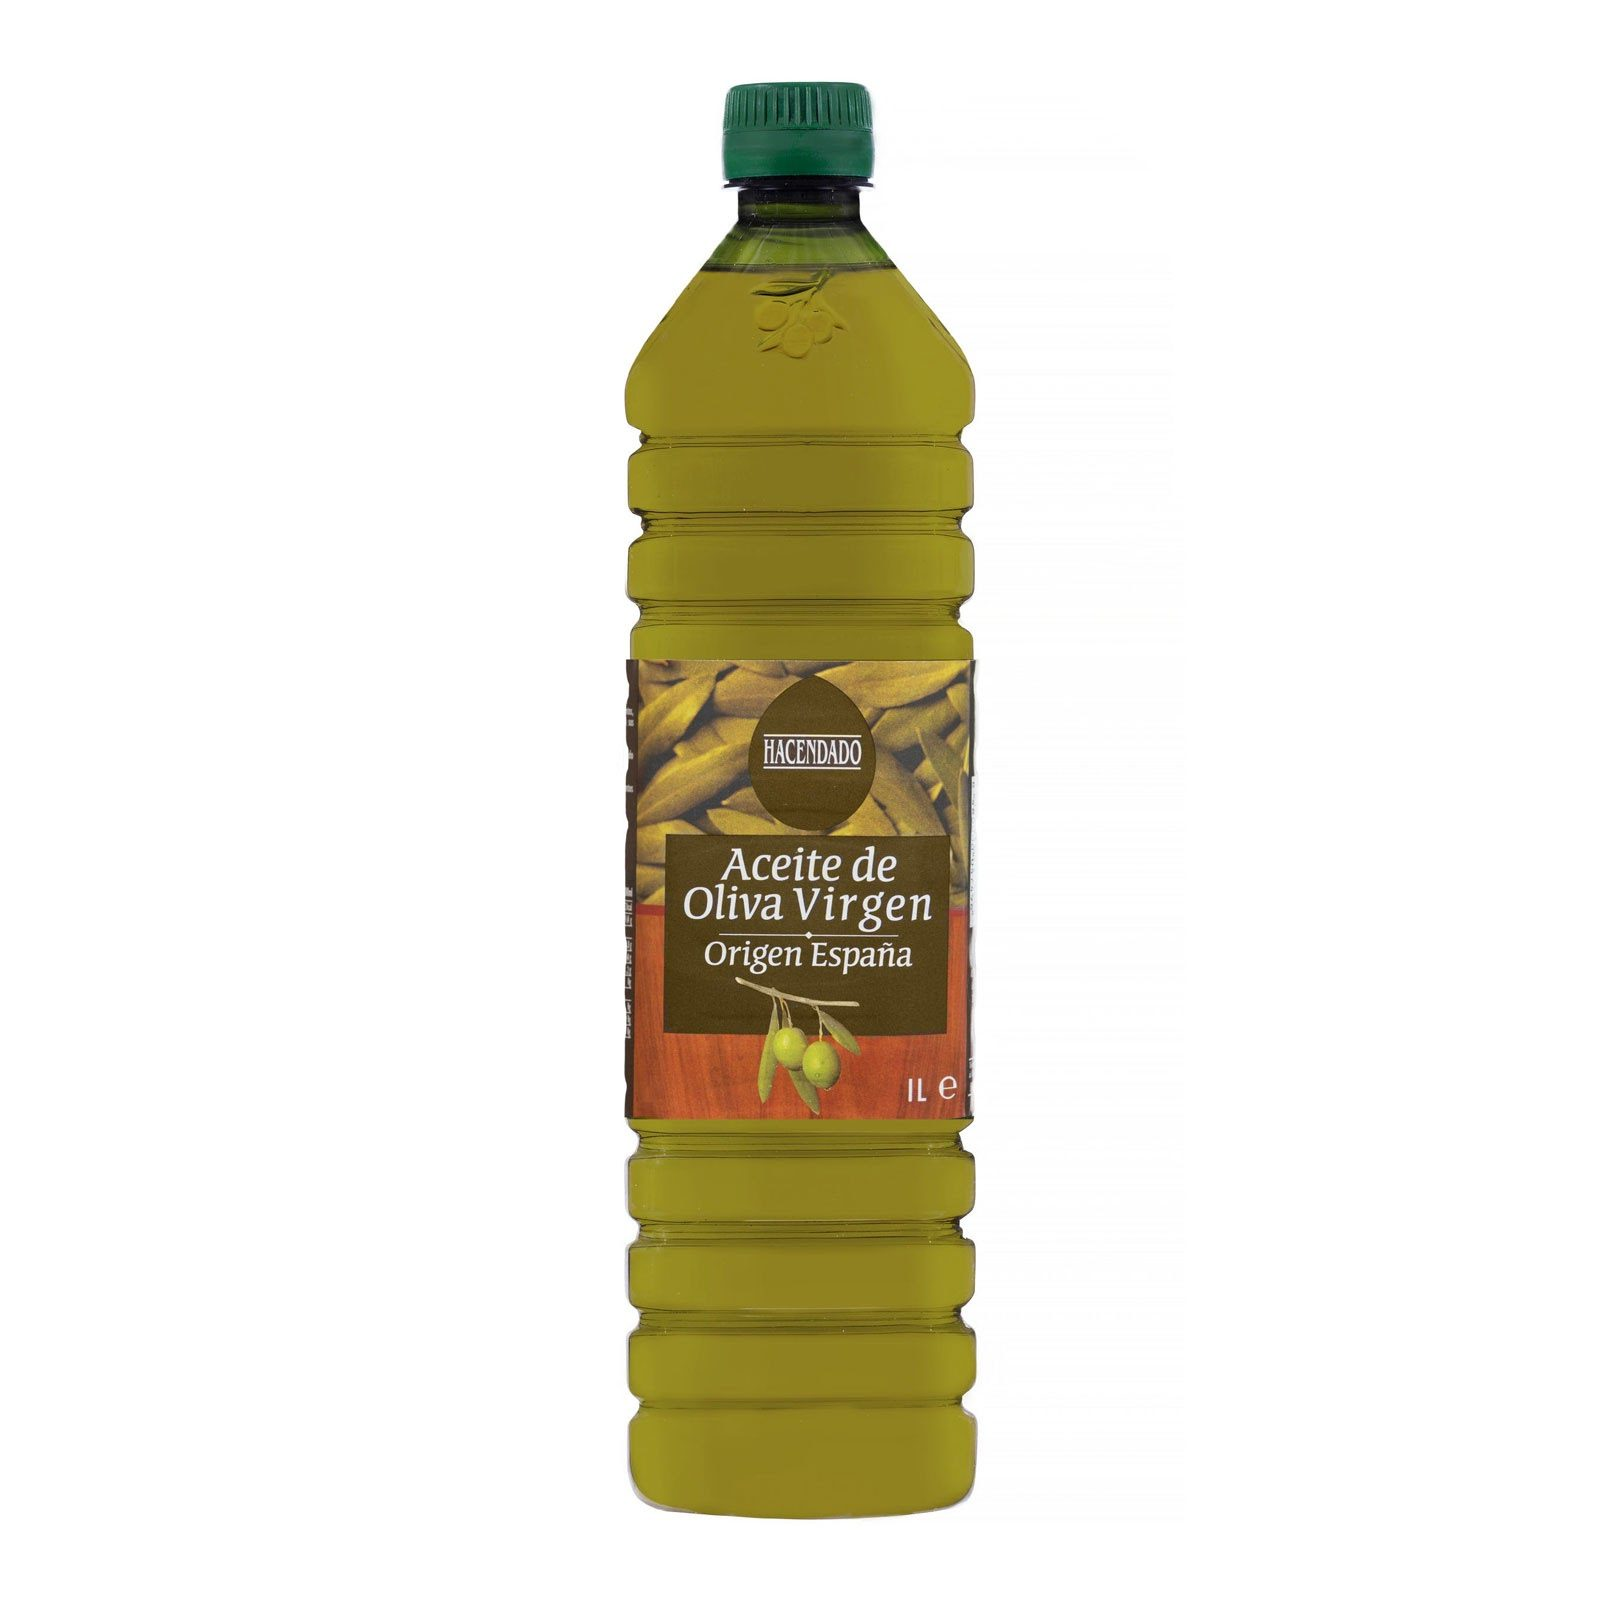 aceite-de-oliva-virgen-hacendado-mercadona-1-3458835